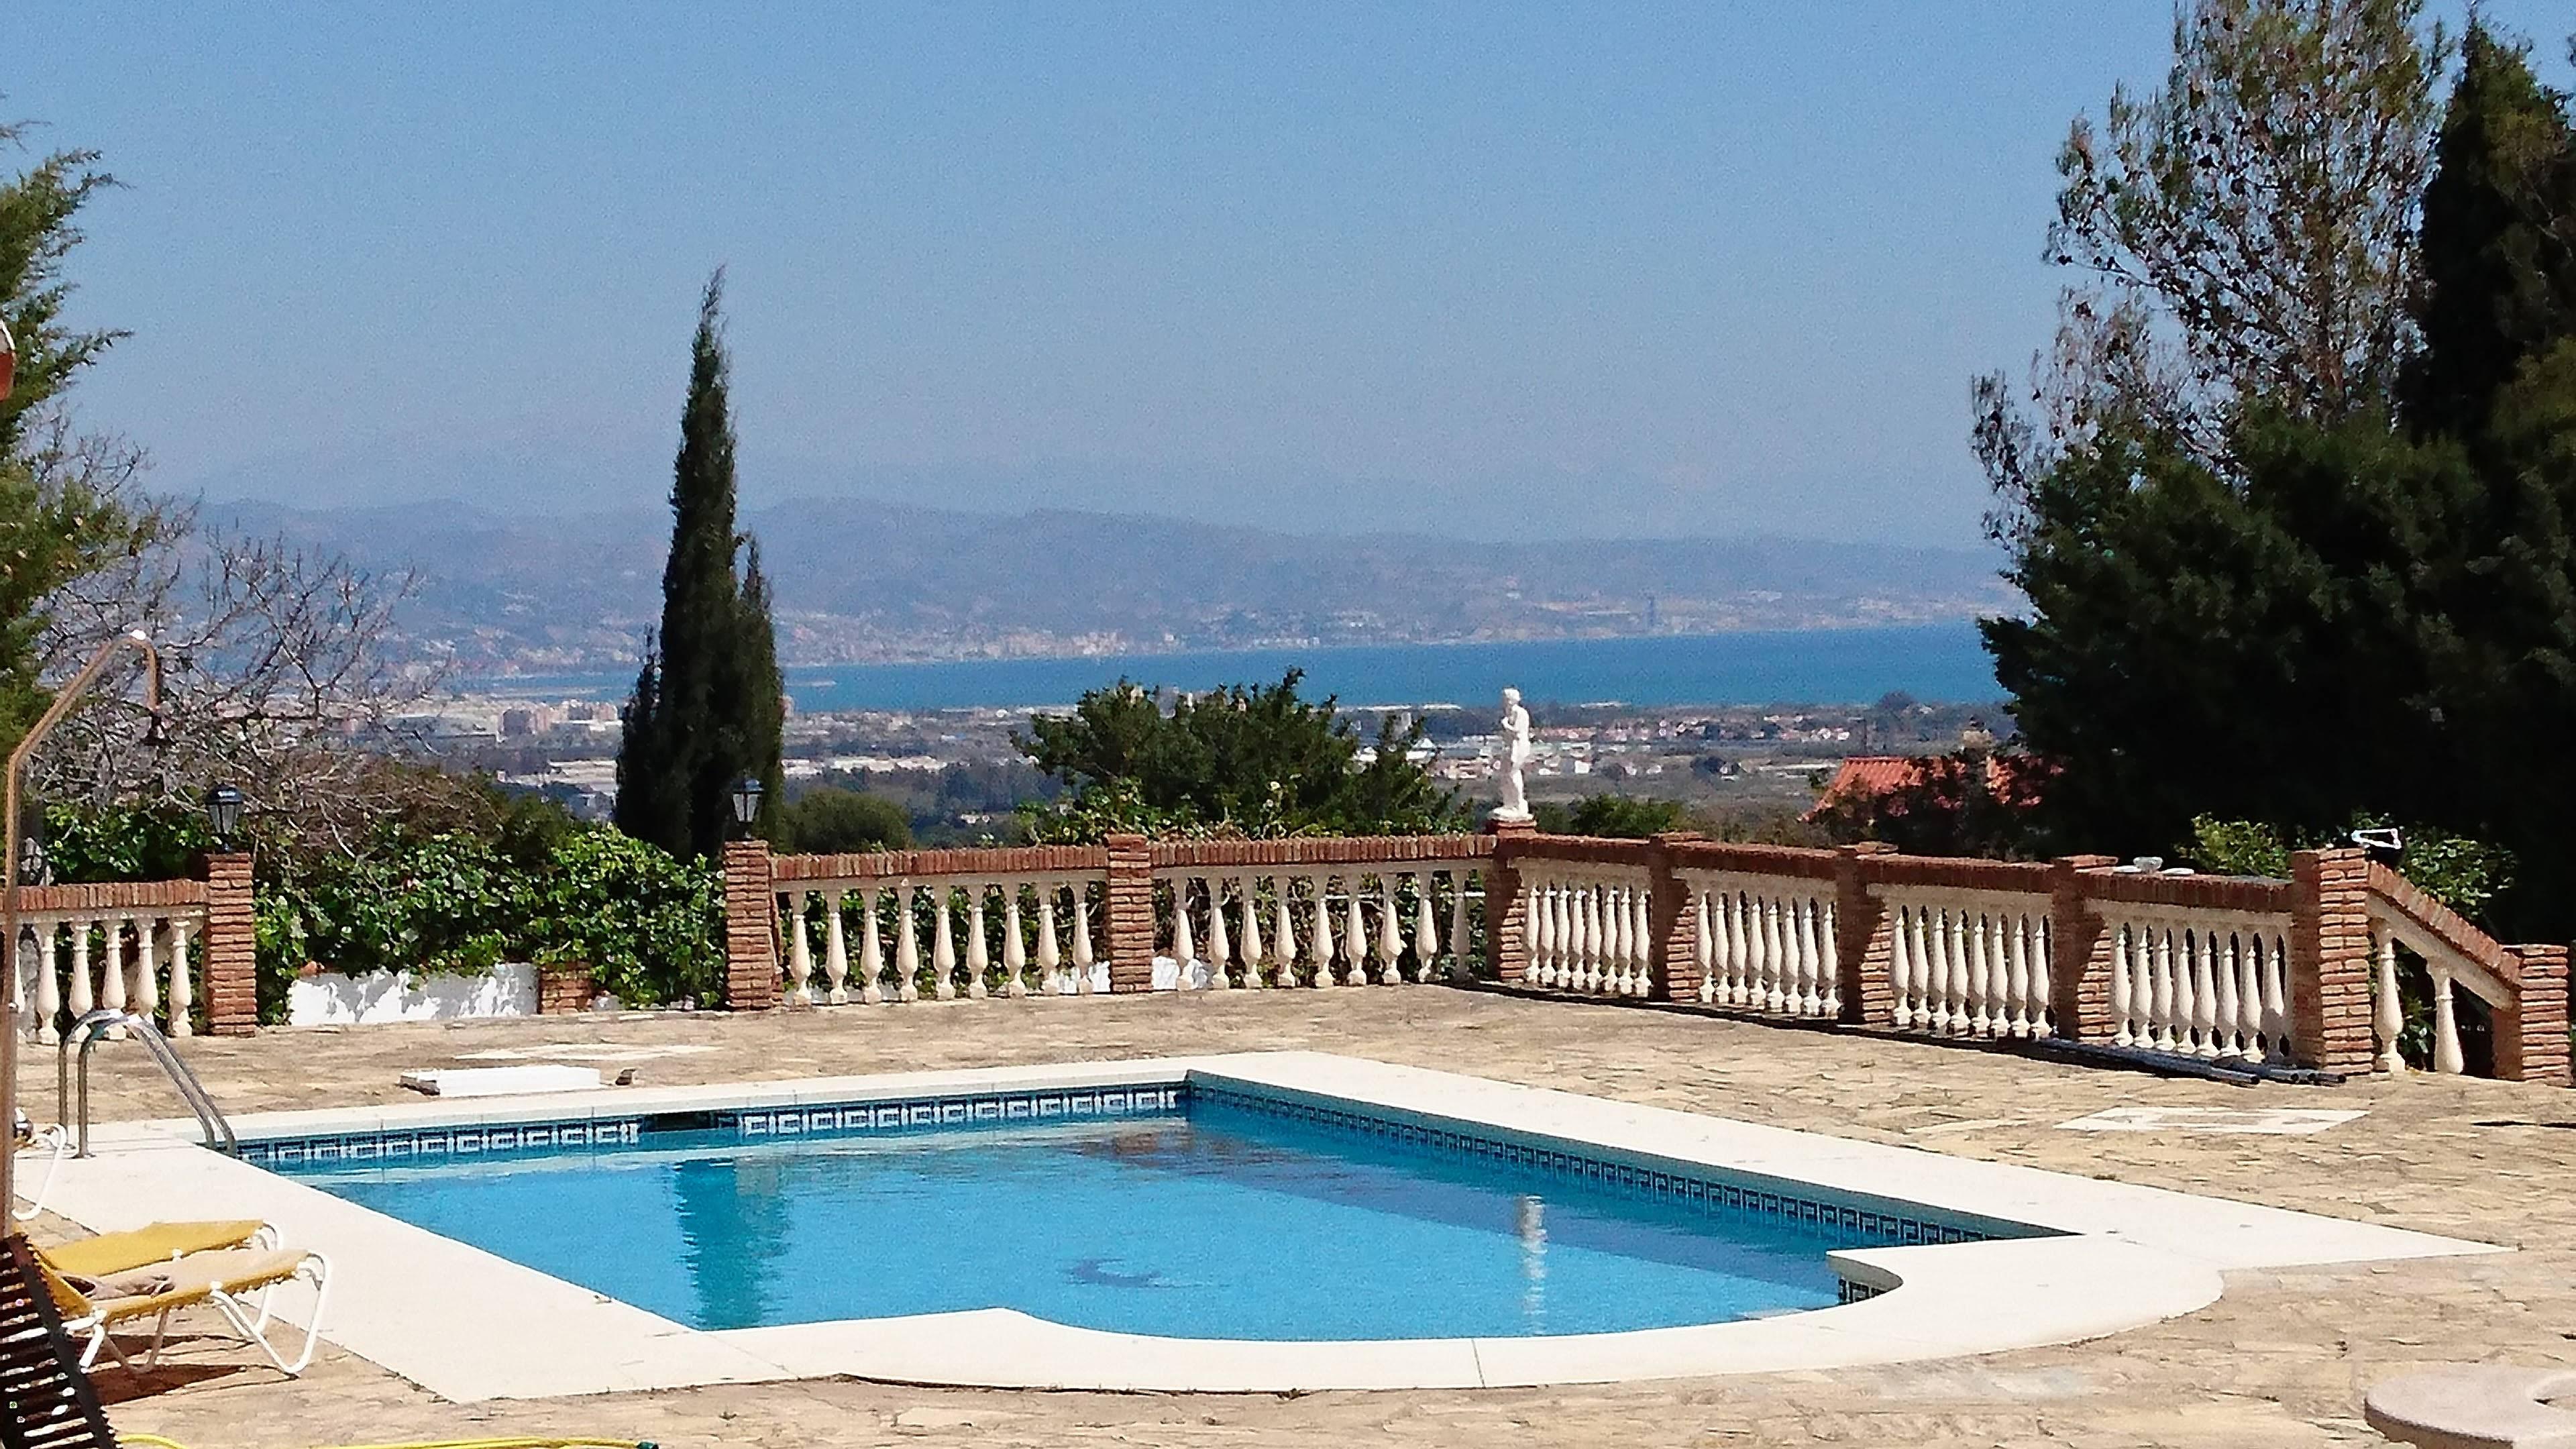 Villa con vistas nicas y piscina climatizada m laga for Piscina publica malaga